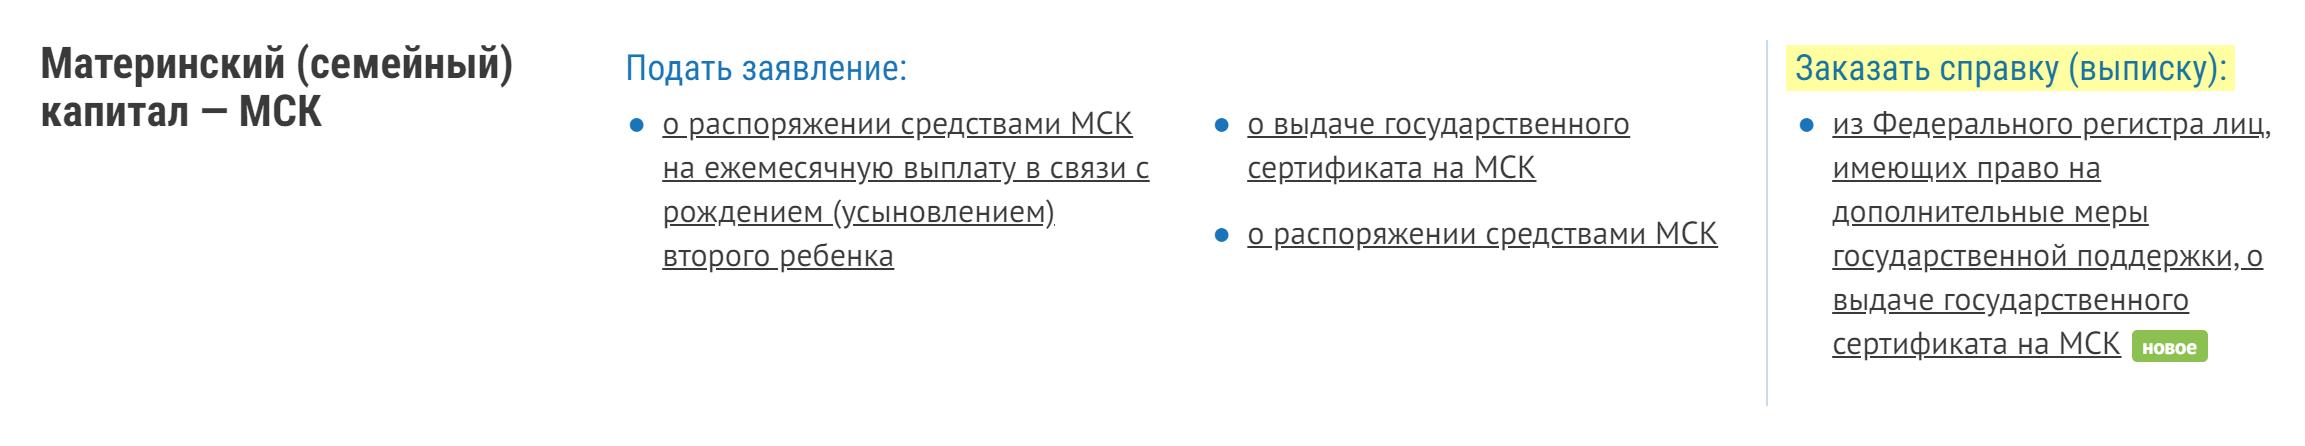 В разделе «Гражданам» найдите «Материнский (семейный) капитал — МСК» и выберите «Заказать справку (выписку)»